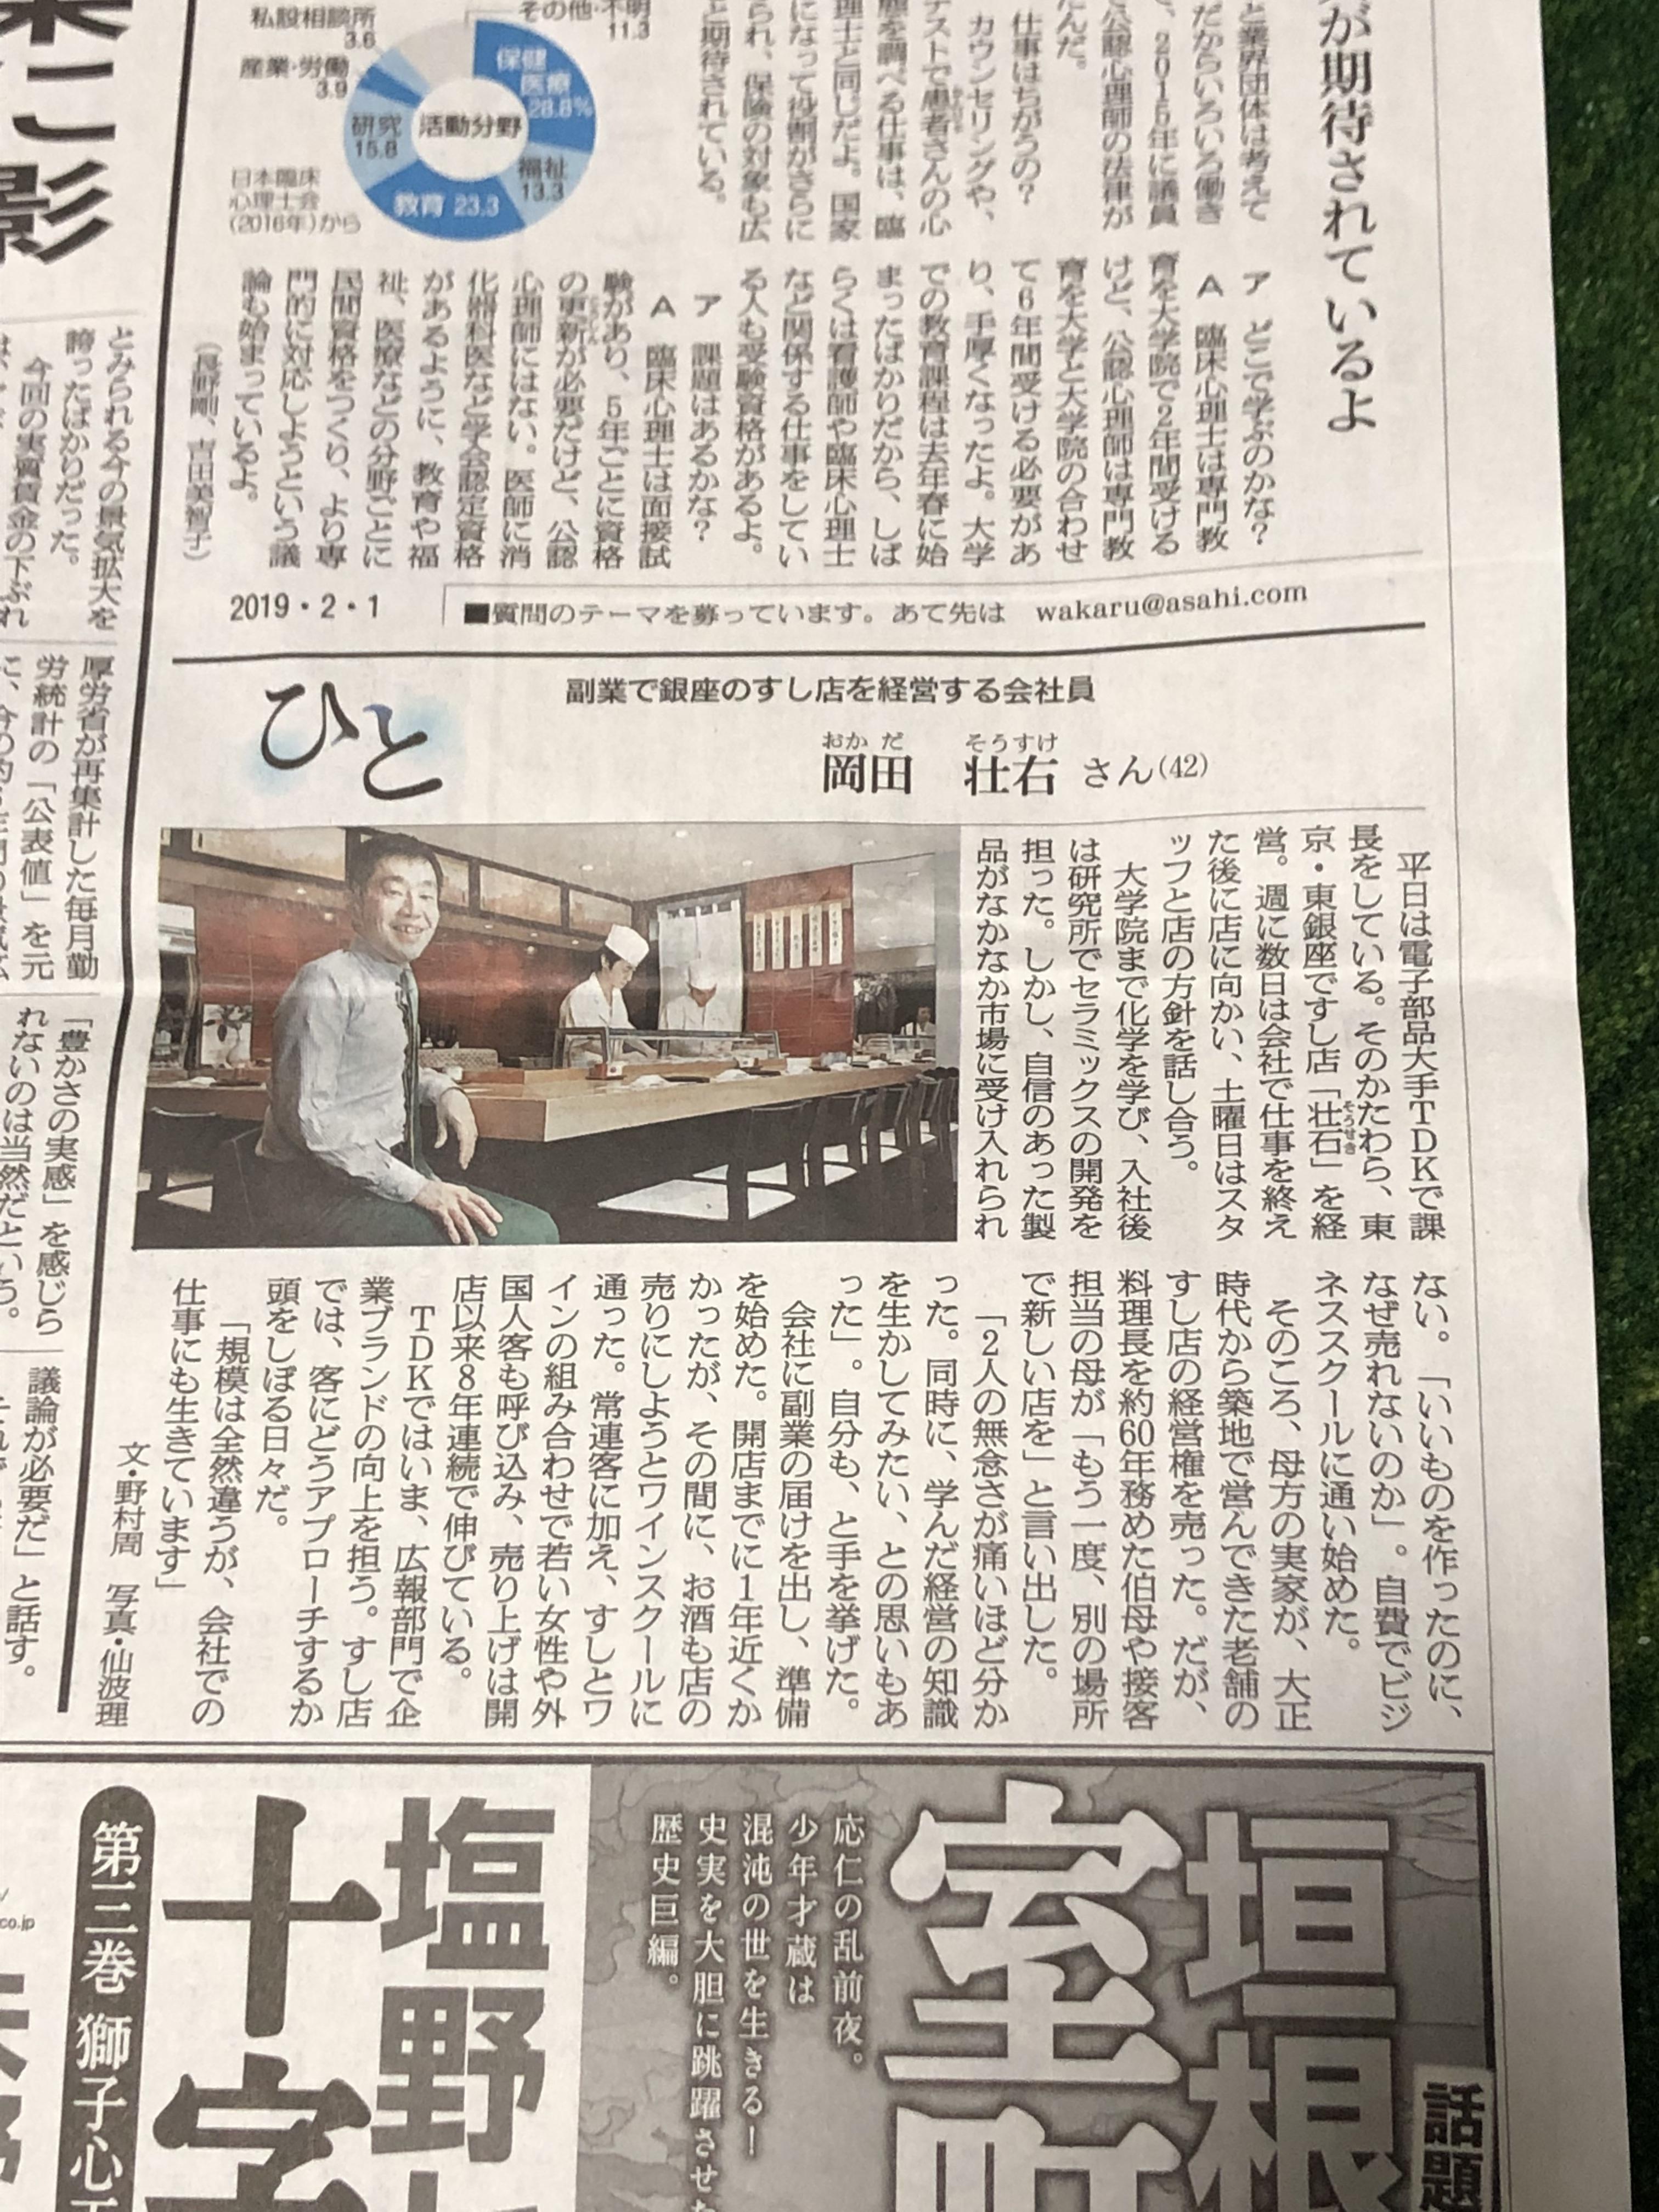 190201asahi_newspaper (Okada)